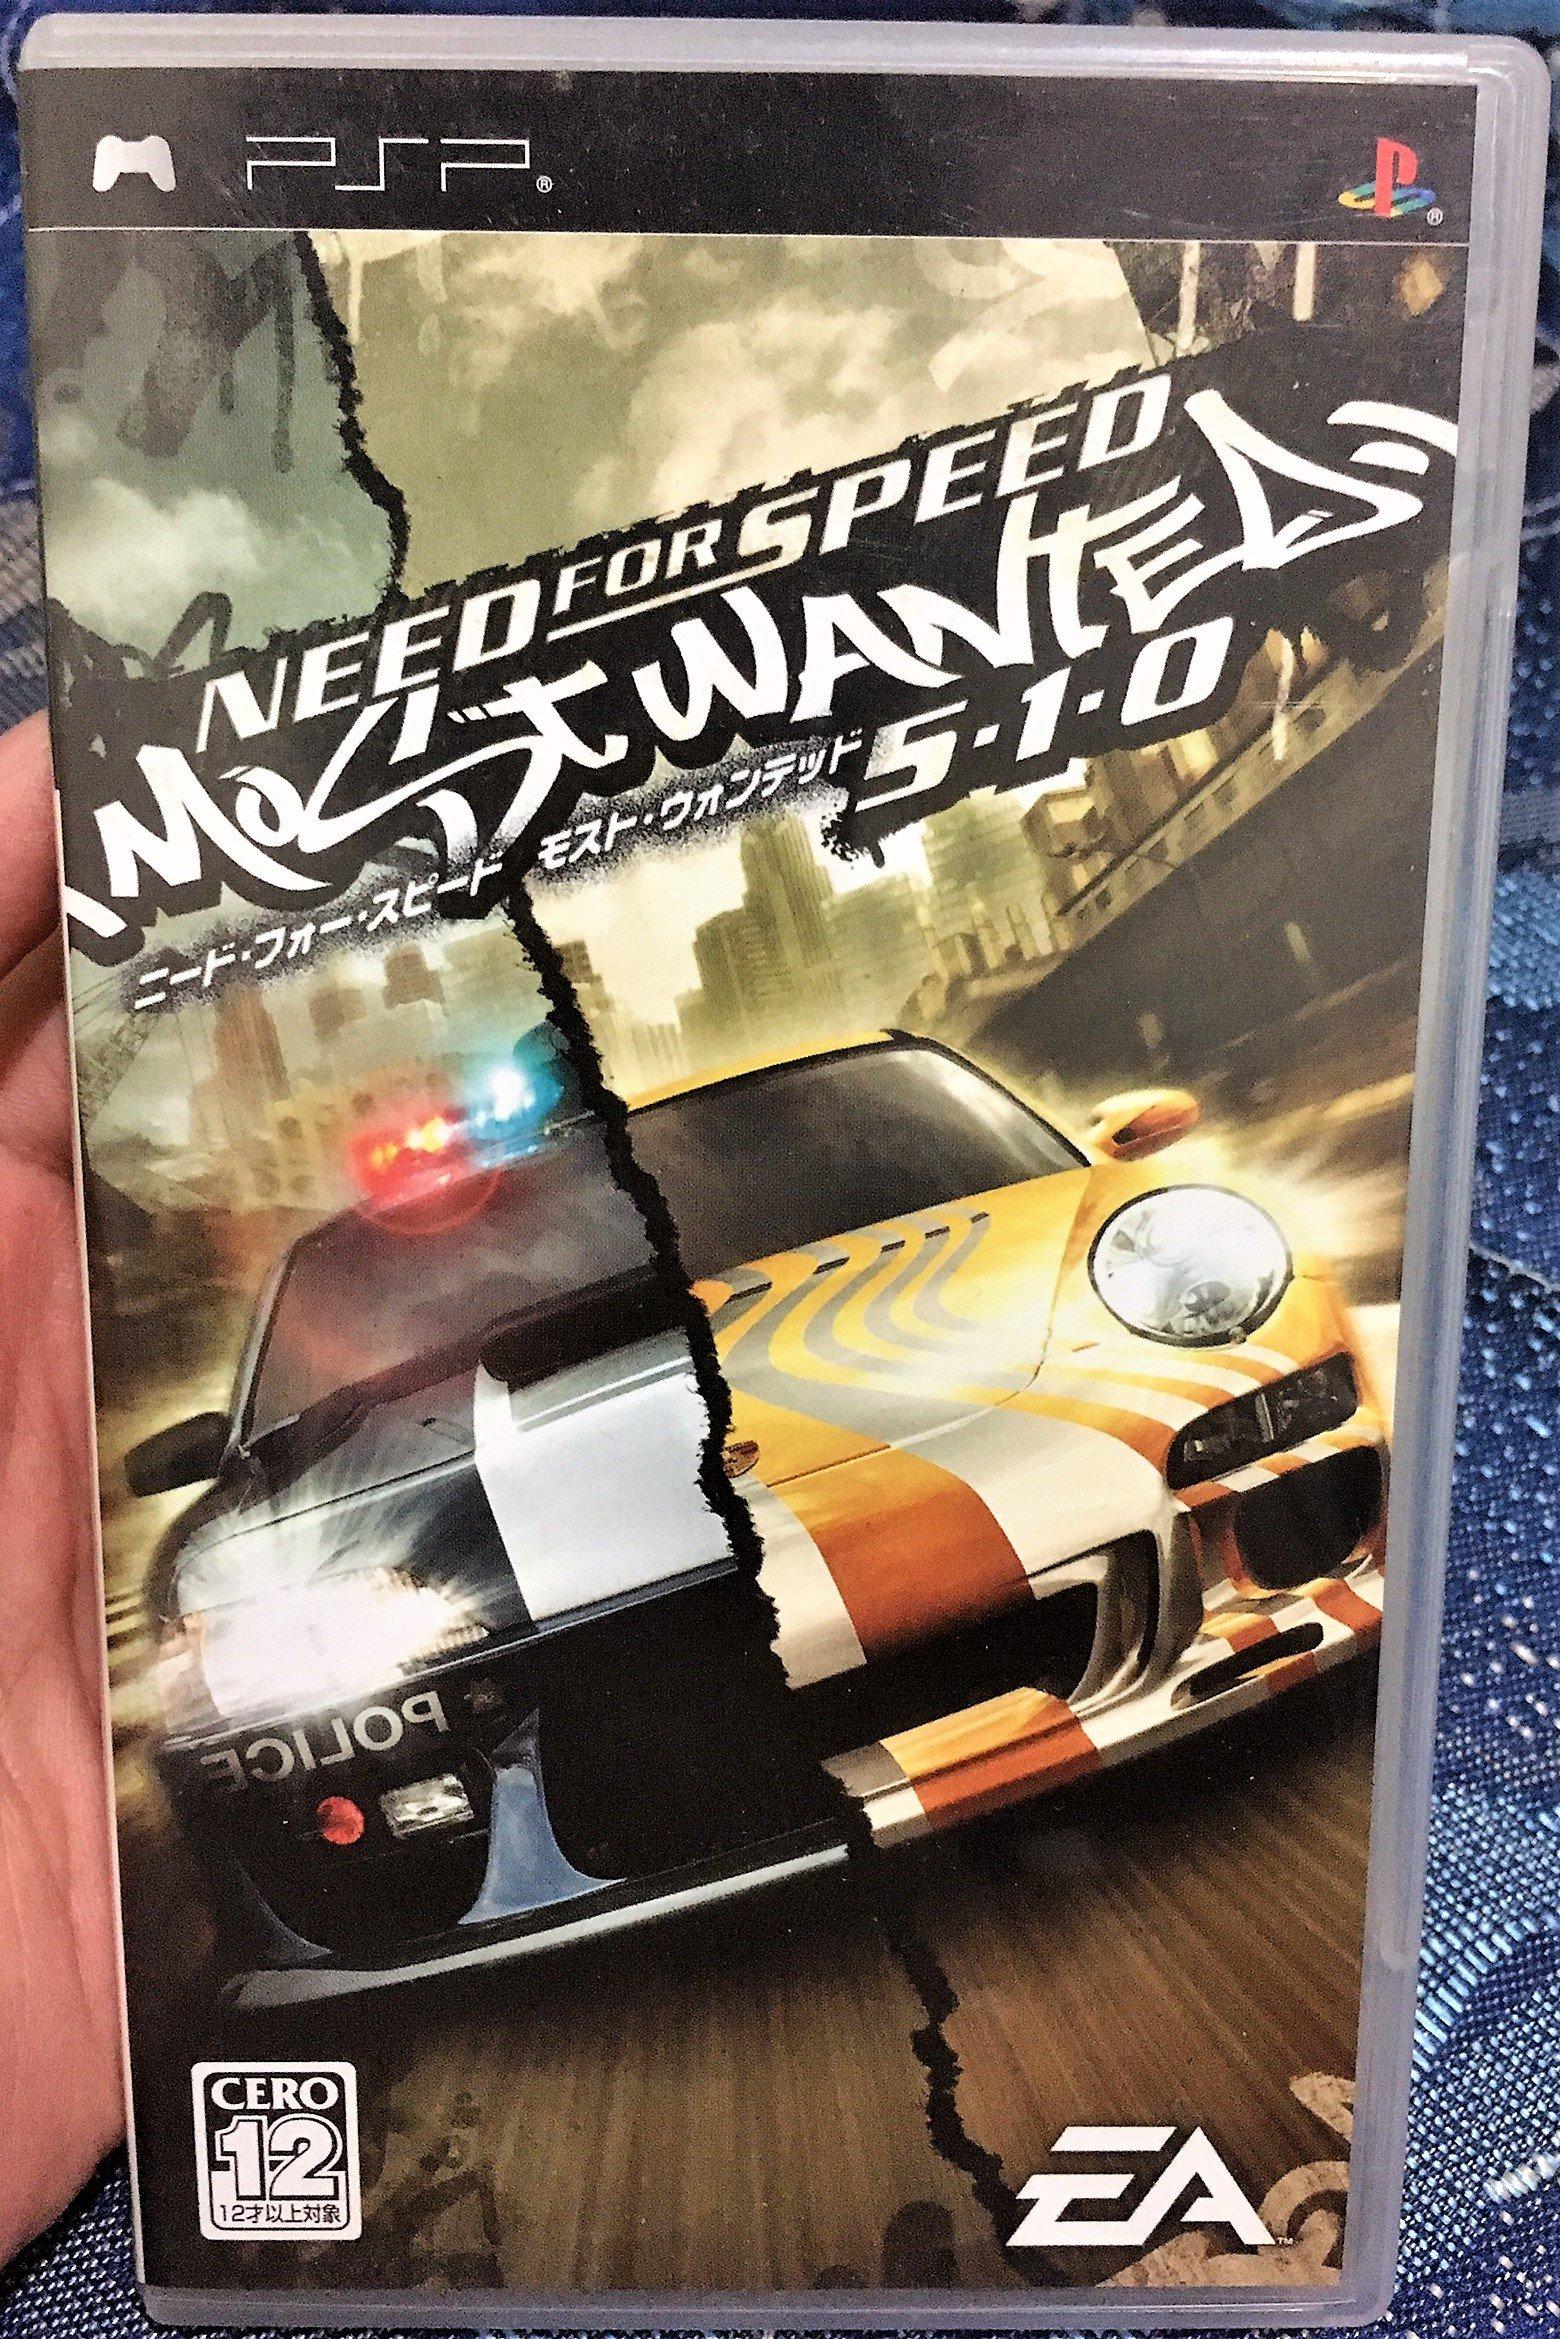 幸運小兔 PSP遊戲 PSP 極速快感 全民公敵 5-1-0Need for Speed 日版遊戲 D5